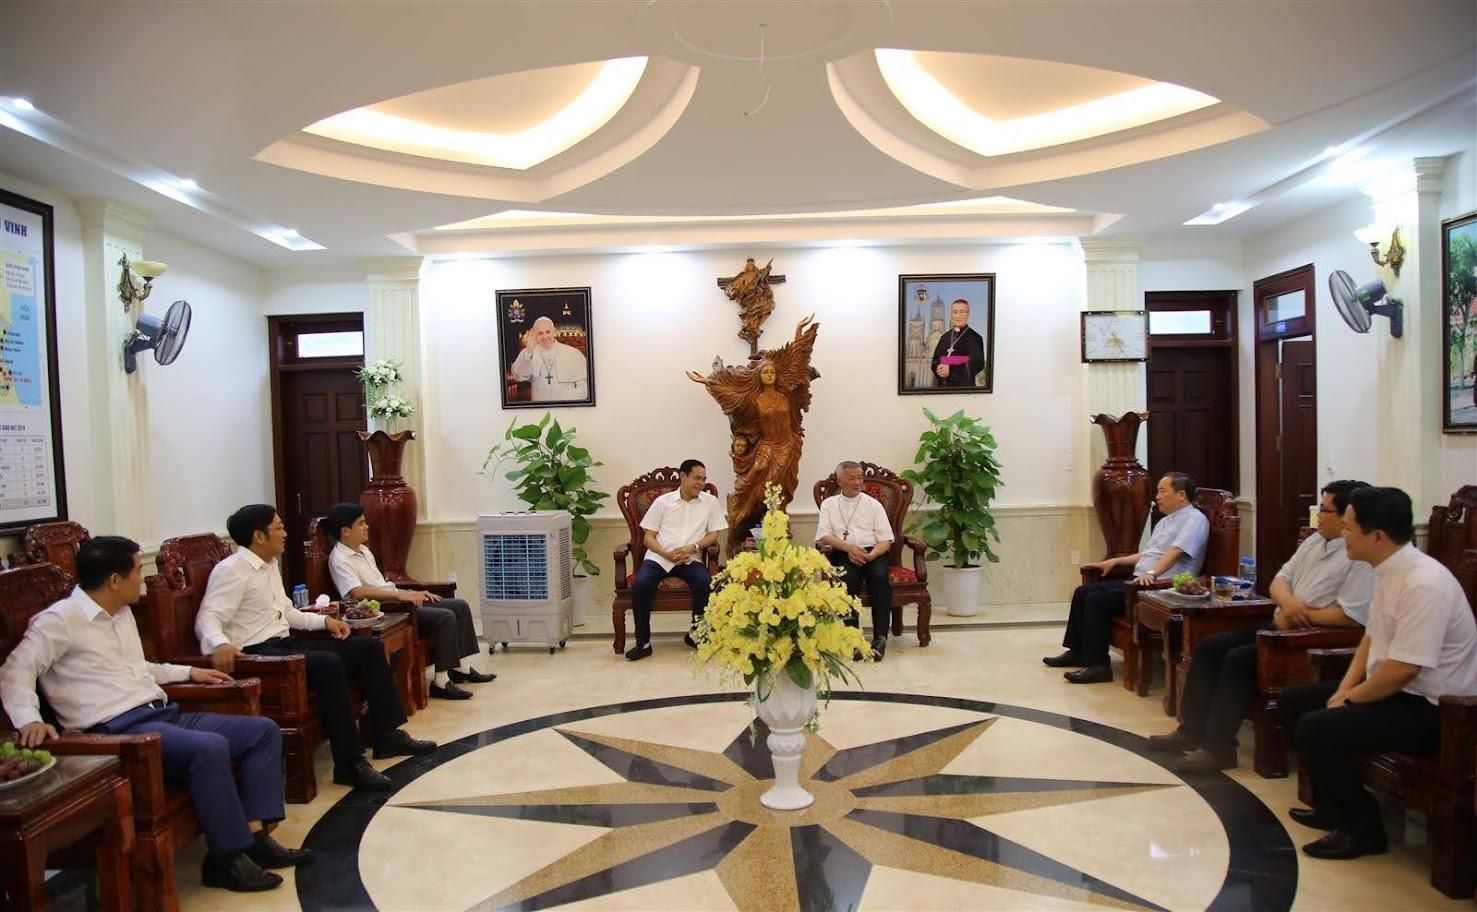 Thiếu tướng Võ Trọng Hải, Giám đốc Công an tỉnh Nghệ An thăm hỏi các vị Giám mục, Linh mục và chức sắc tôn giáo tại Tòa Giám mục giáo phận Vinh